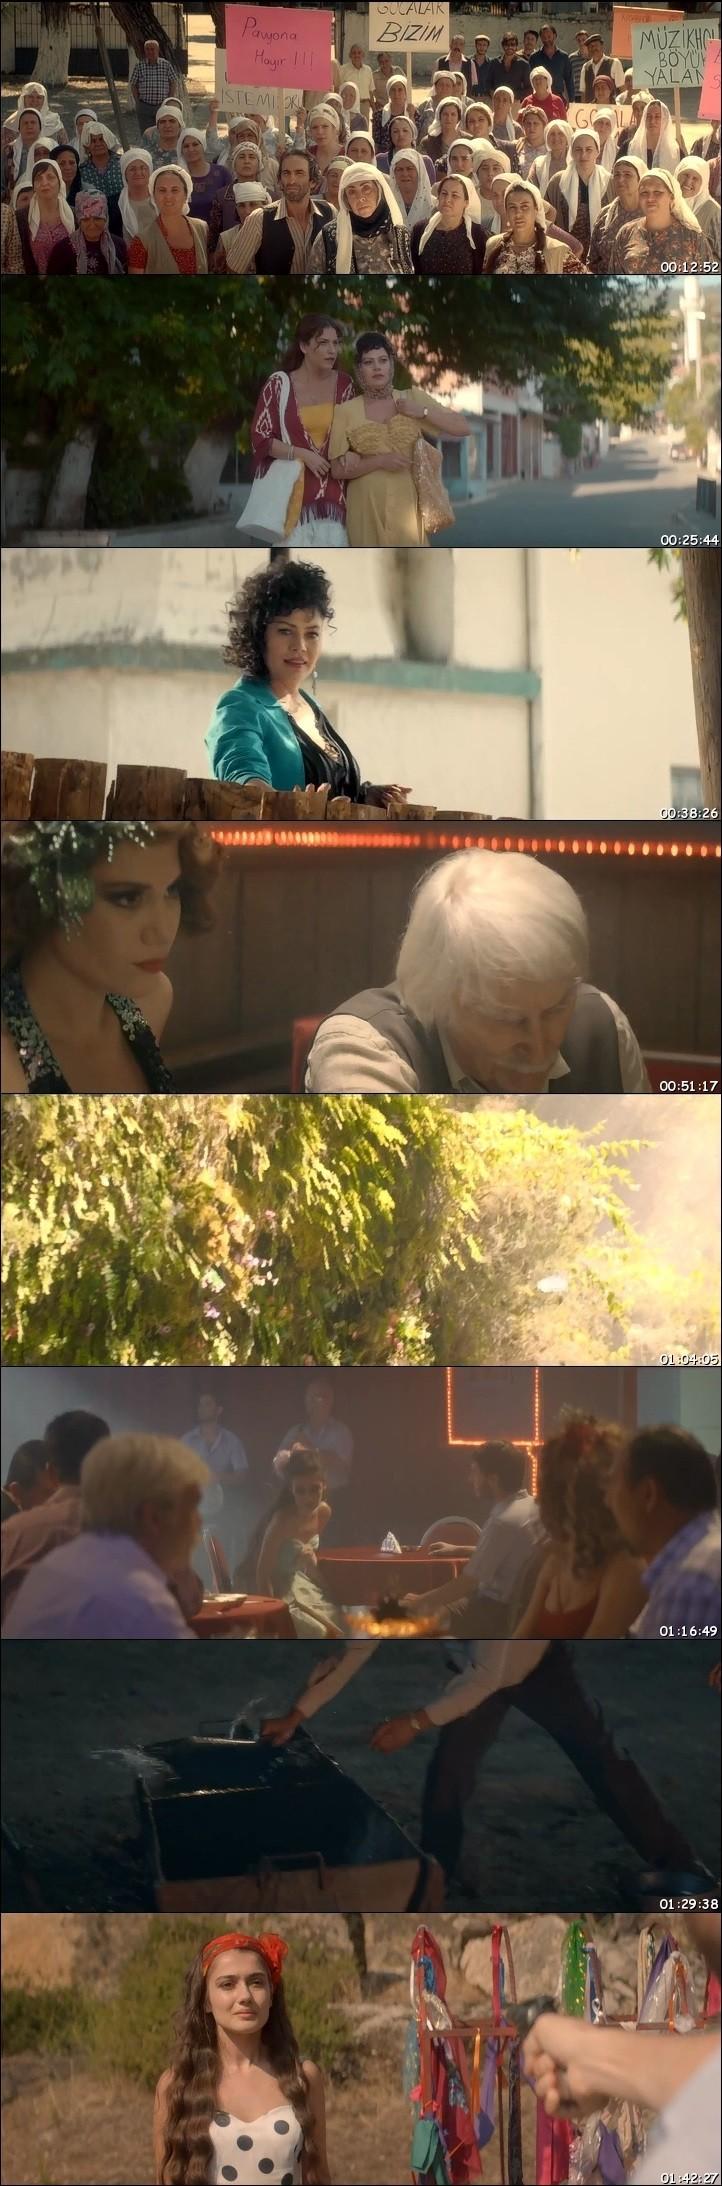 Uzaklarda Arama 2015 ( HDRip XviD ) Yerli Film - Tek Link